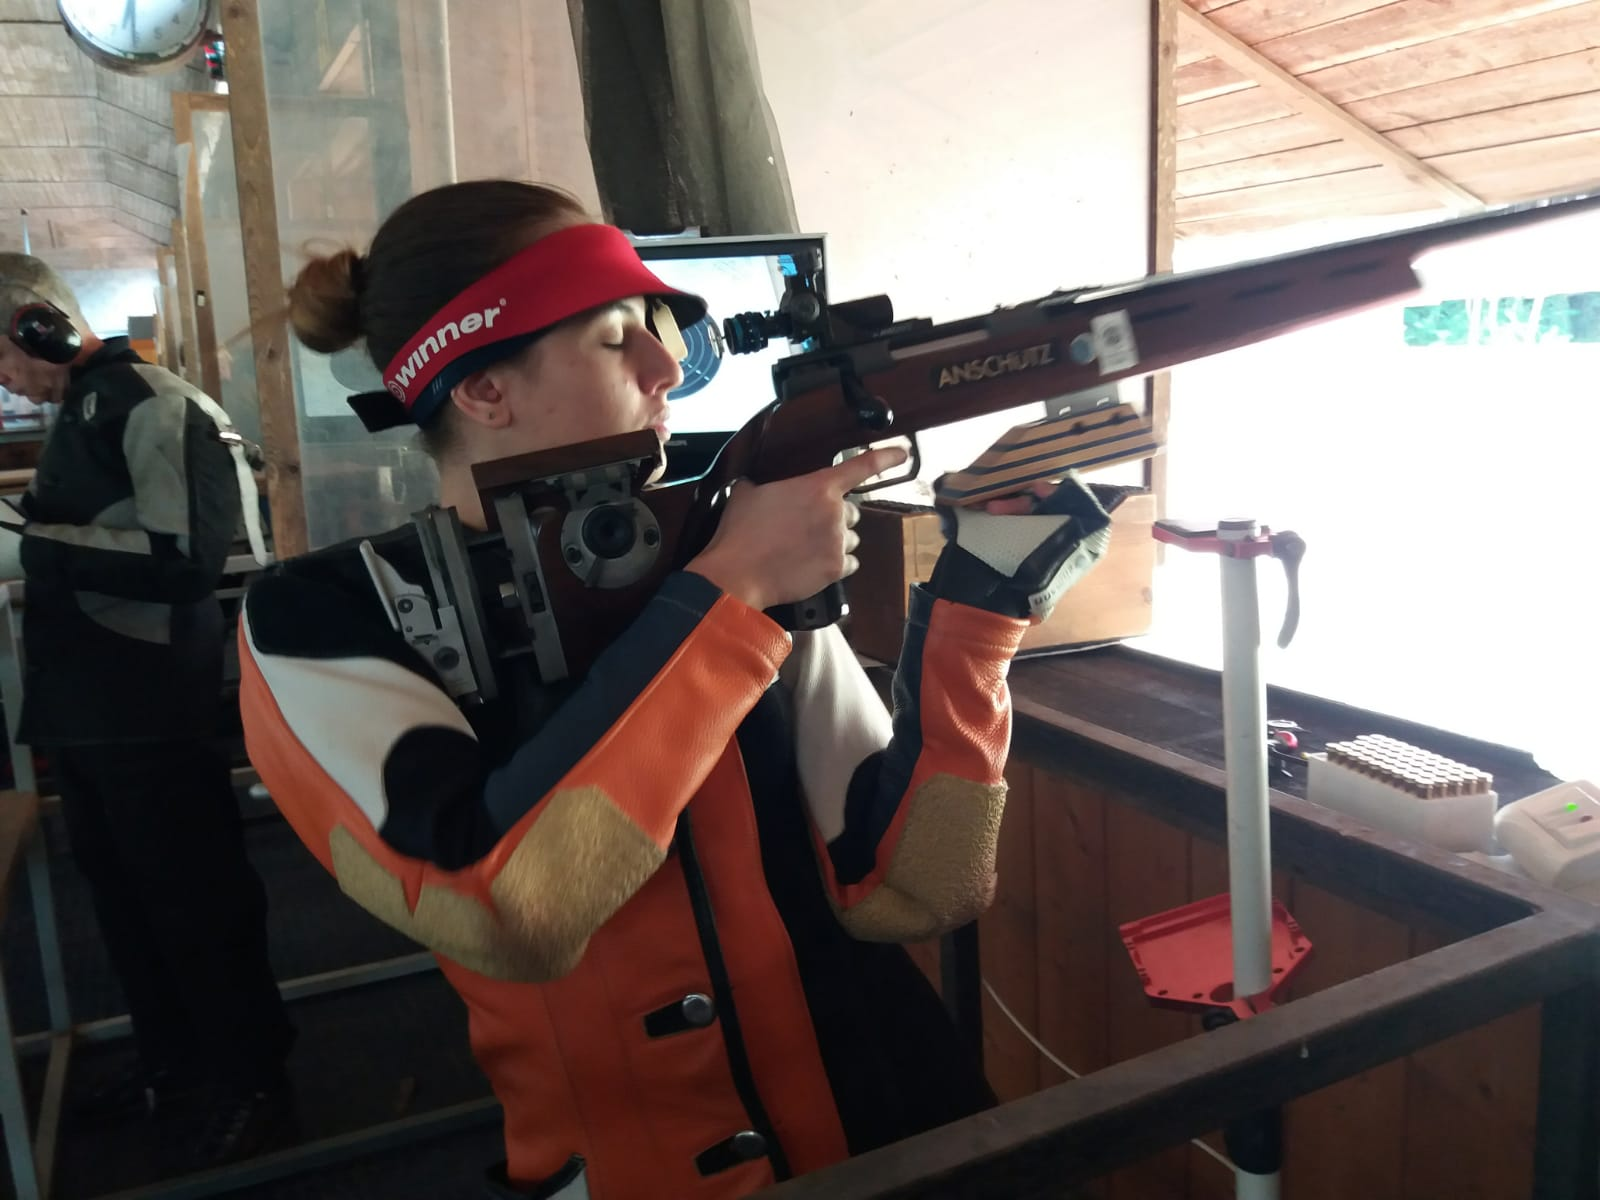 Record di Miriana De feo nell'Arma Libera a Terra JD